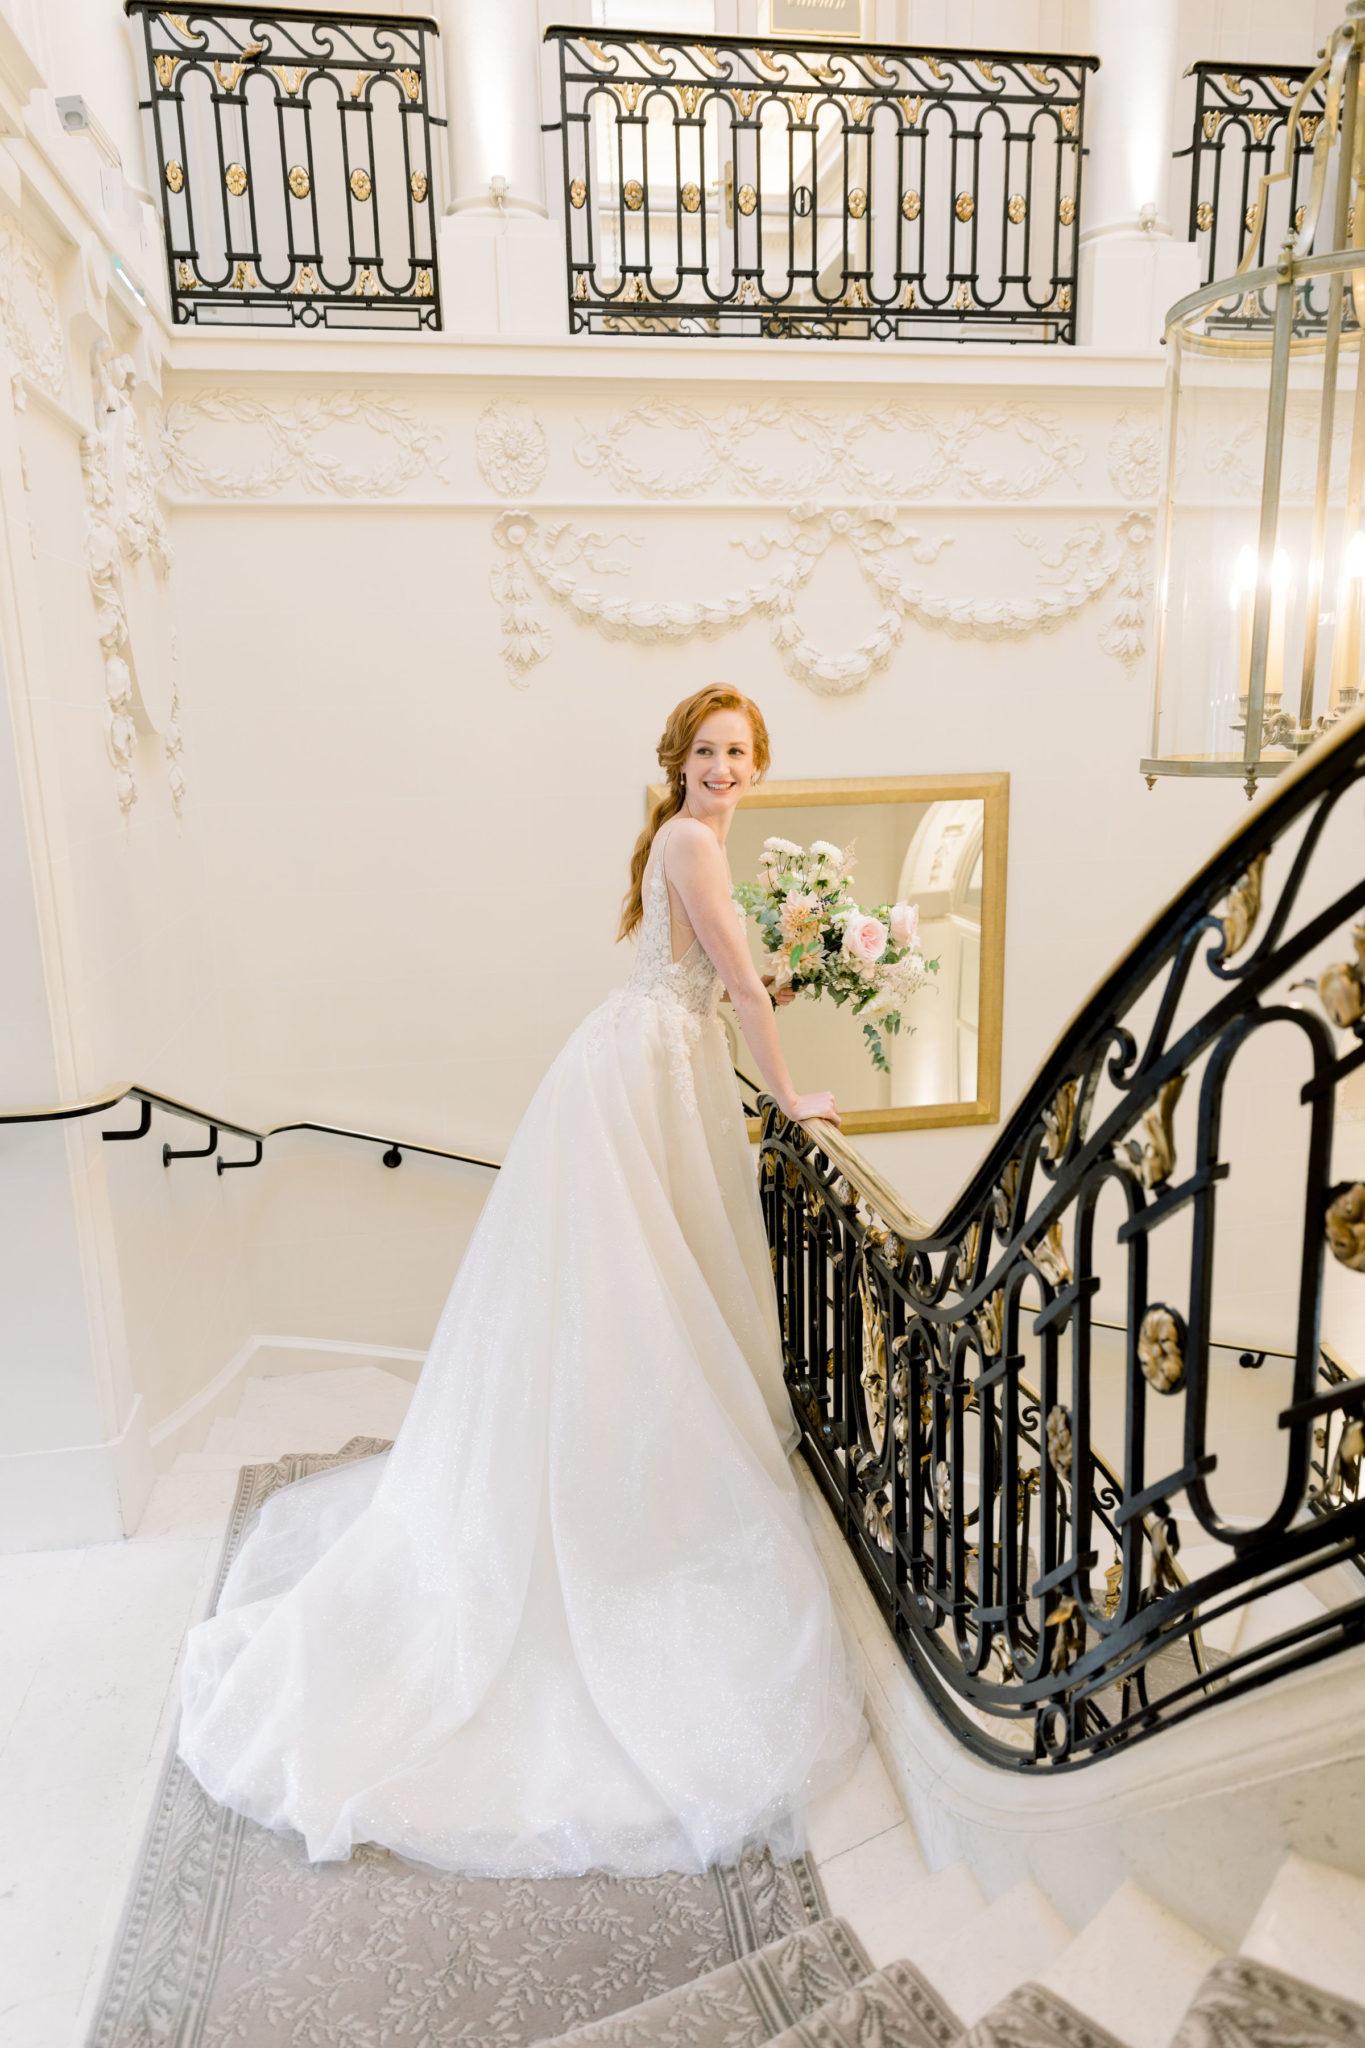 escalier palace parisien, Inspiration mariage luxueux esprit Marie Antoinette